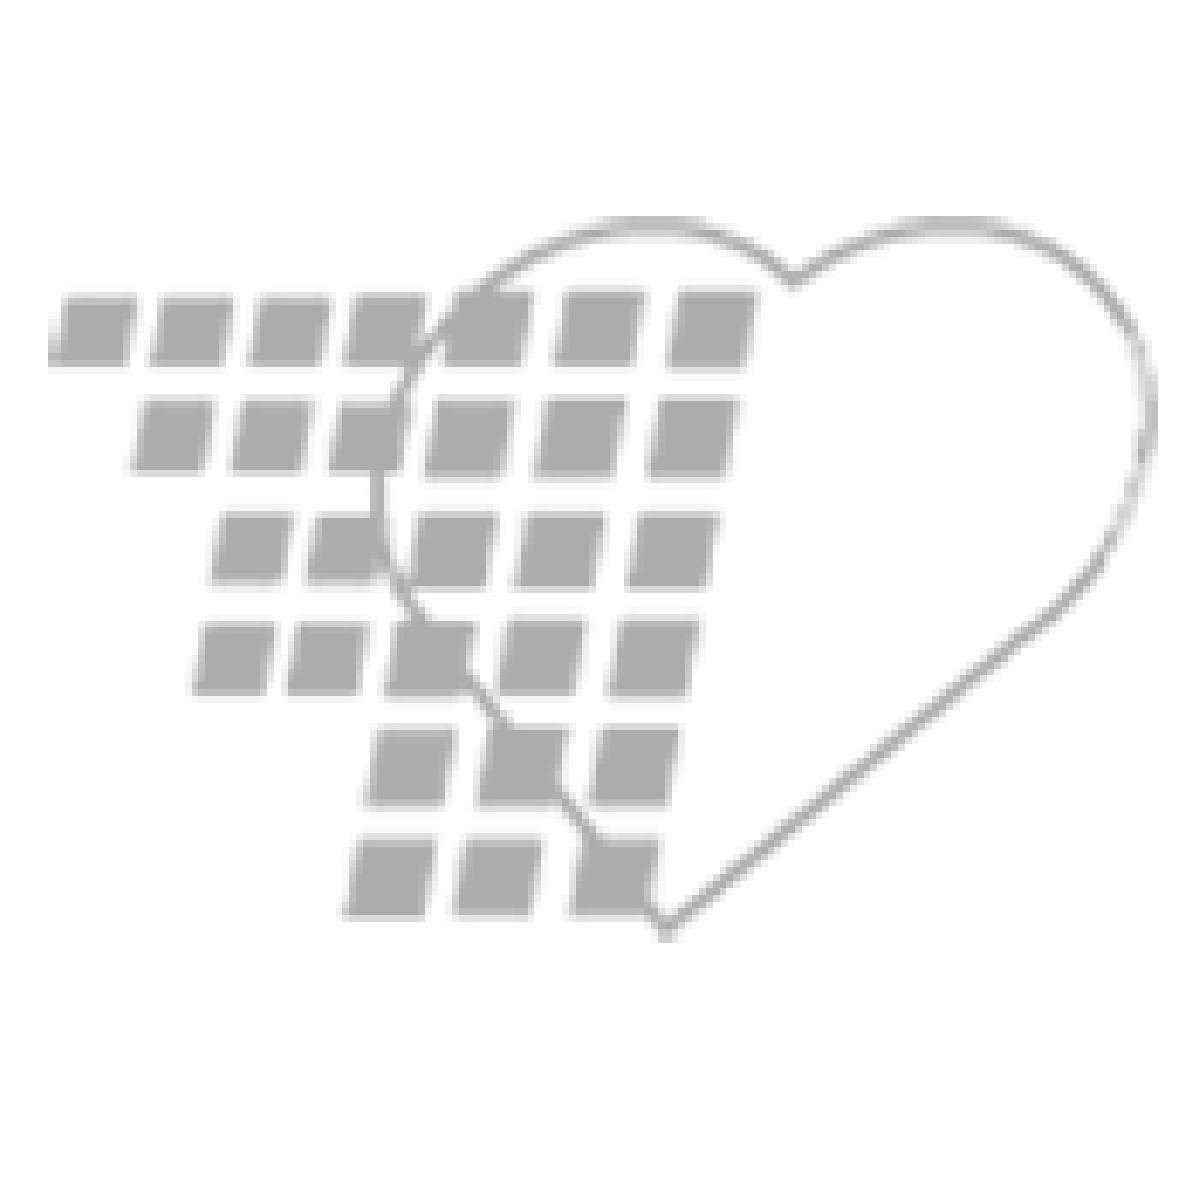 02-20-2007-ADLT - Welch Allyn FlexiPort Reusable Cuff - Adult